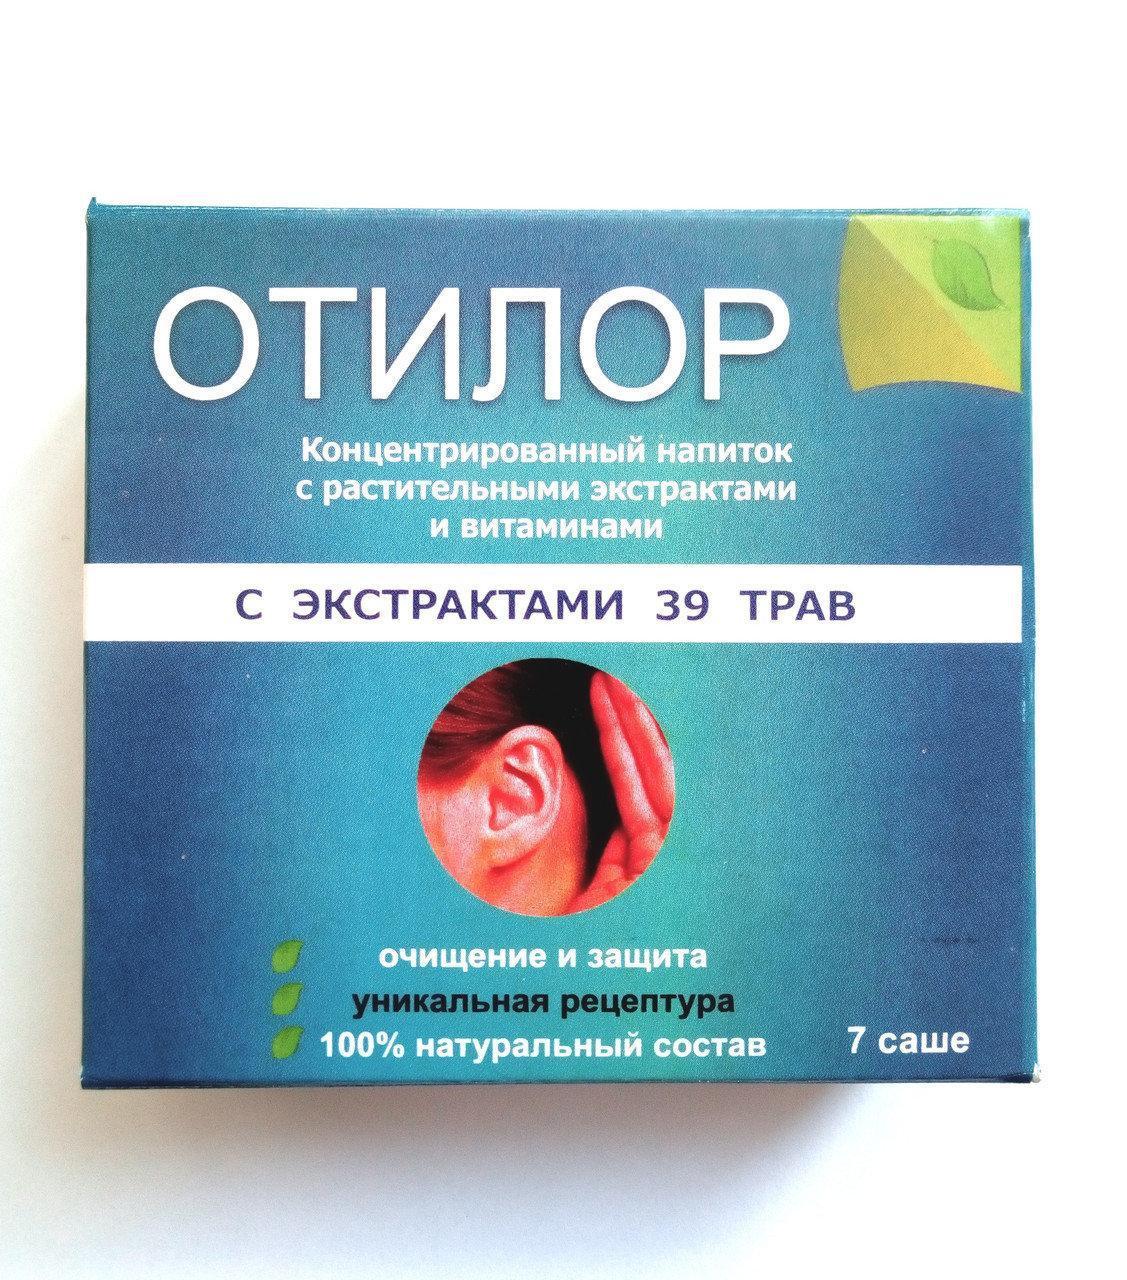 💊💊Отилор - Концентрат для восстановления слуха | Отирол, отирол, Востановления, вернуть слух, как вернуть слух, Концентрат для восстановления слуха,